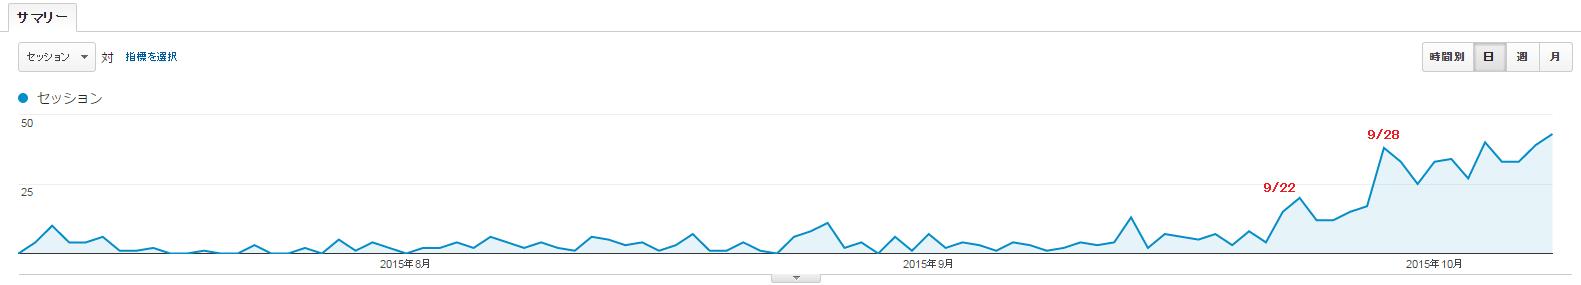 新規ドメイン取得から3ヶ月が経過した当サイトのアクセス数